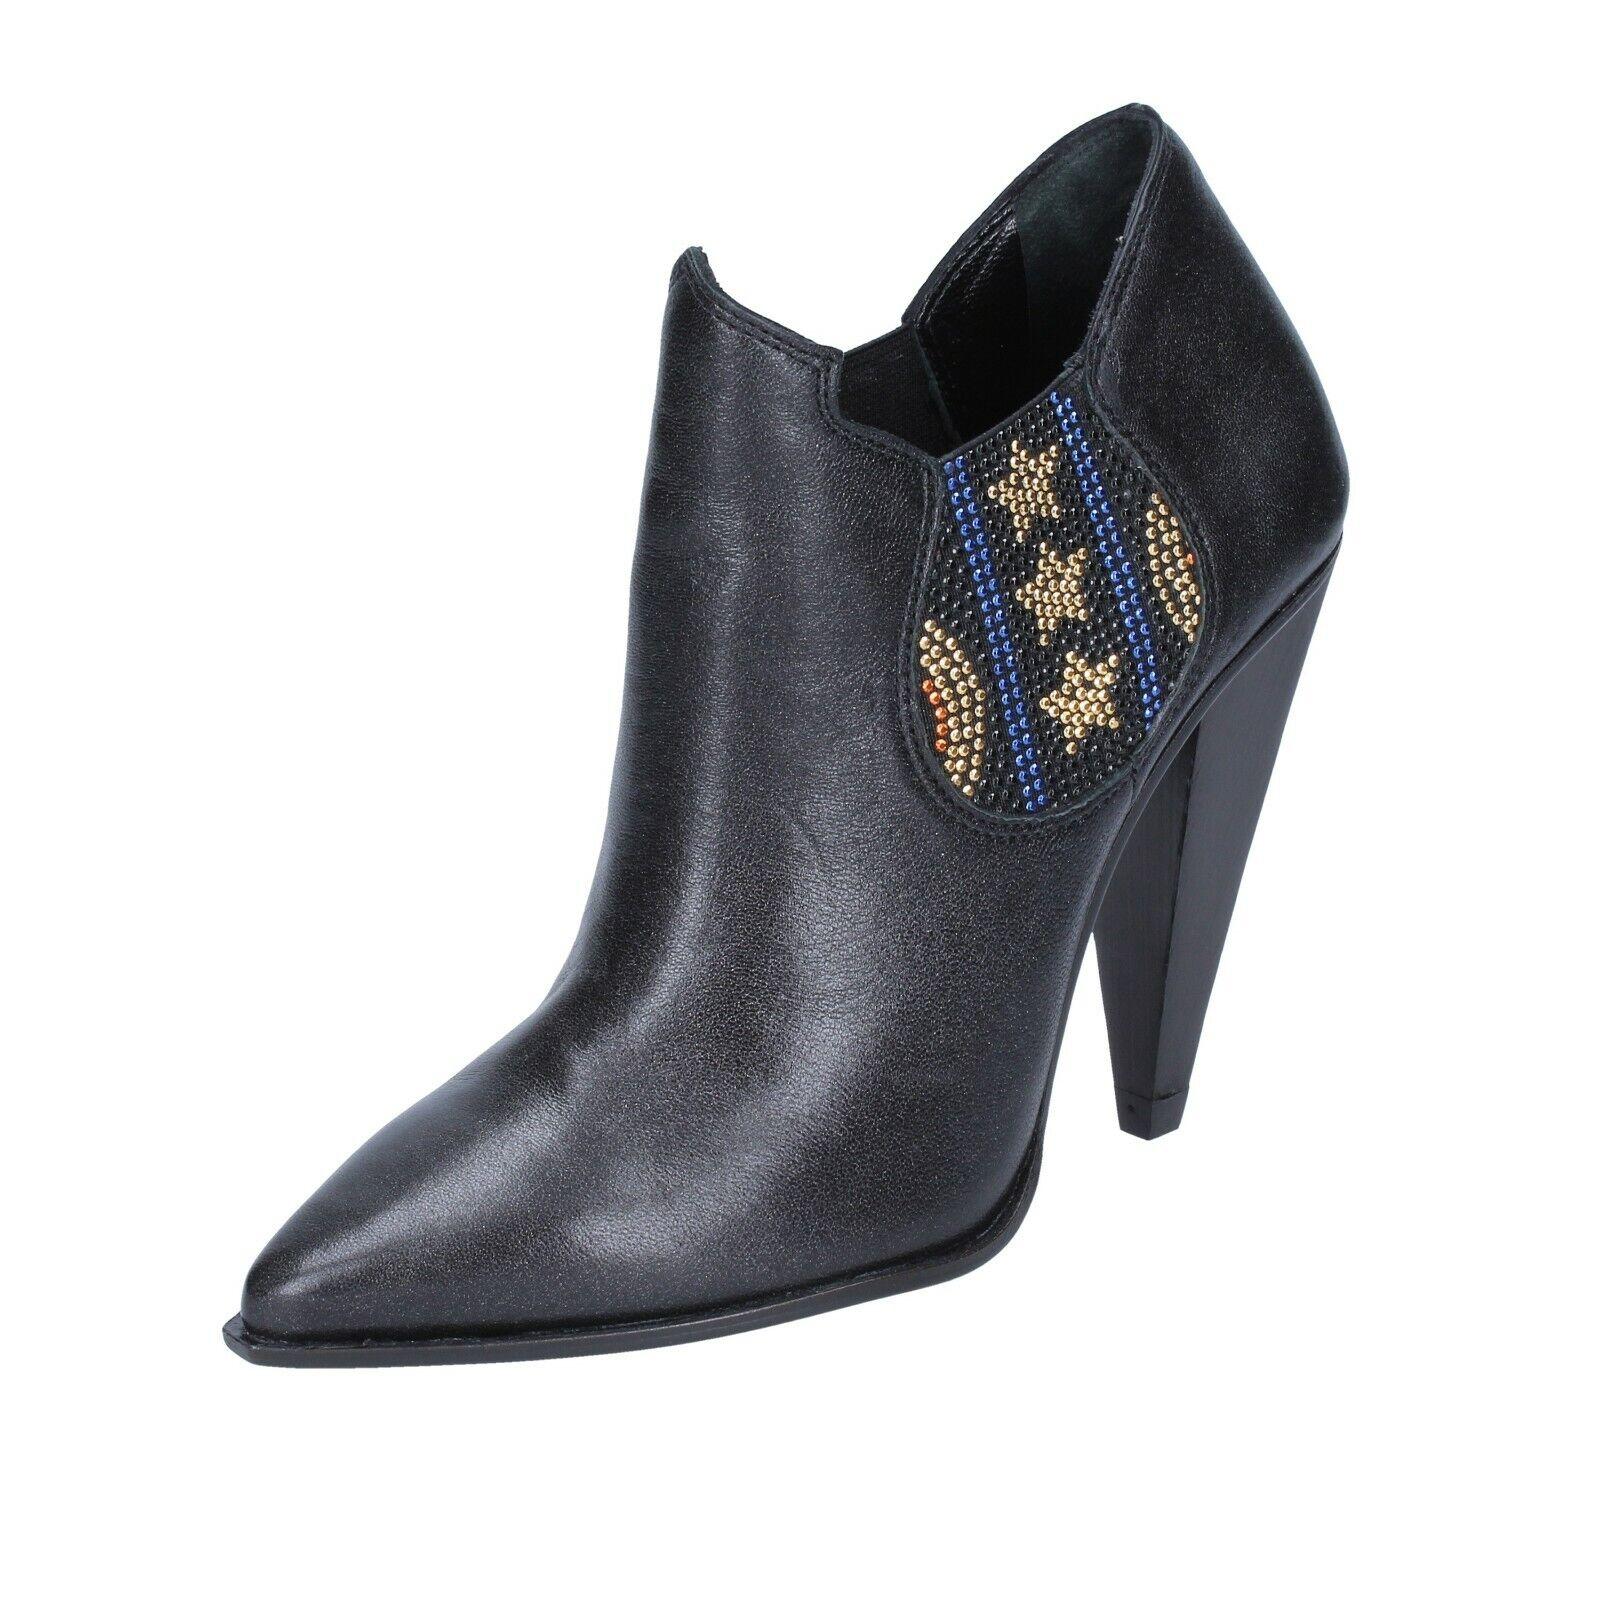 Women's shoes MARC ELLIS 7 (EU 37) ankle boots black leather BS597-37